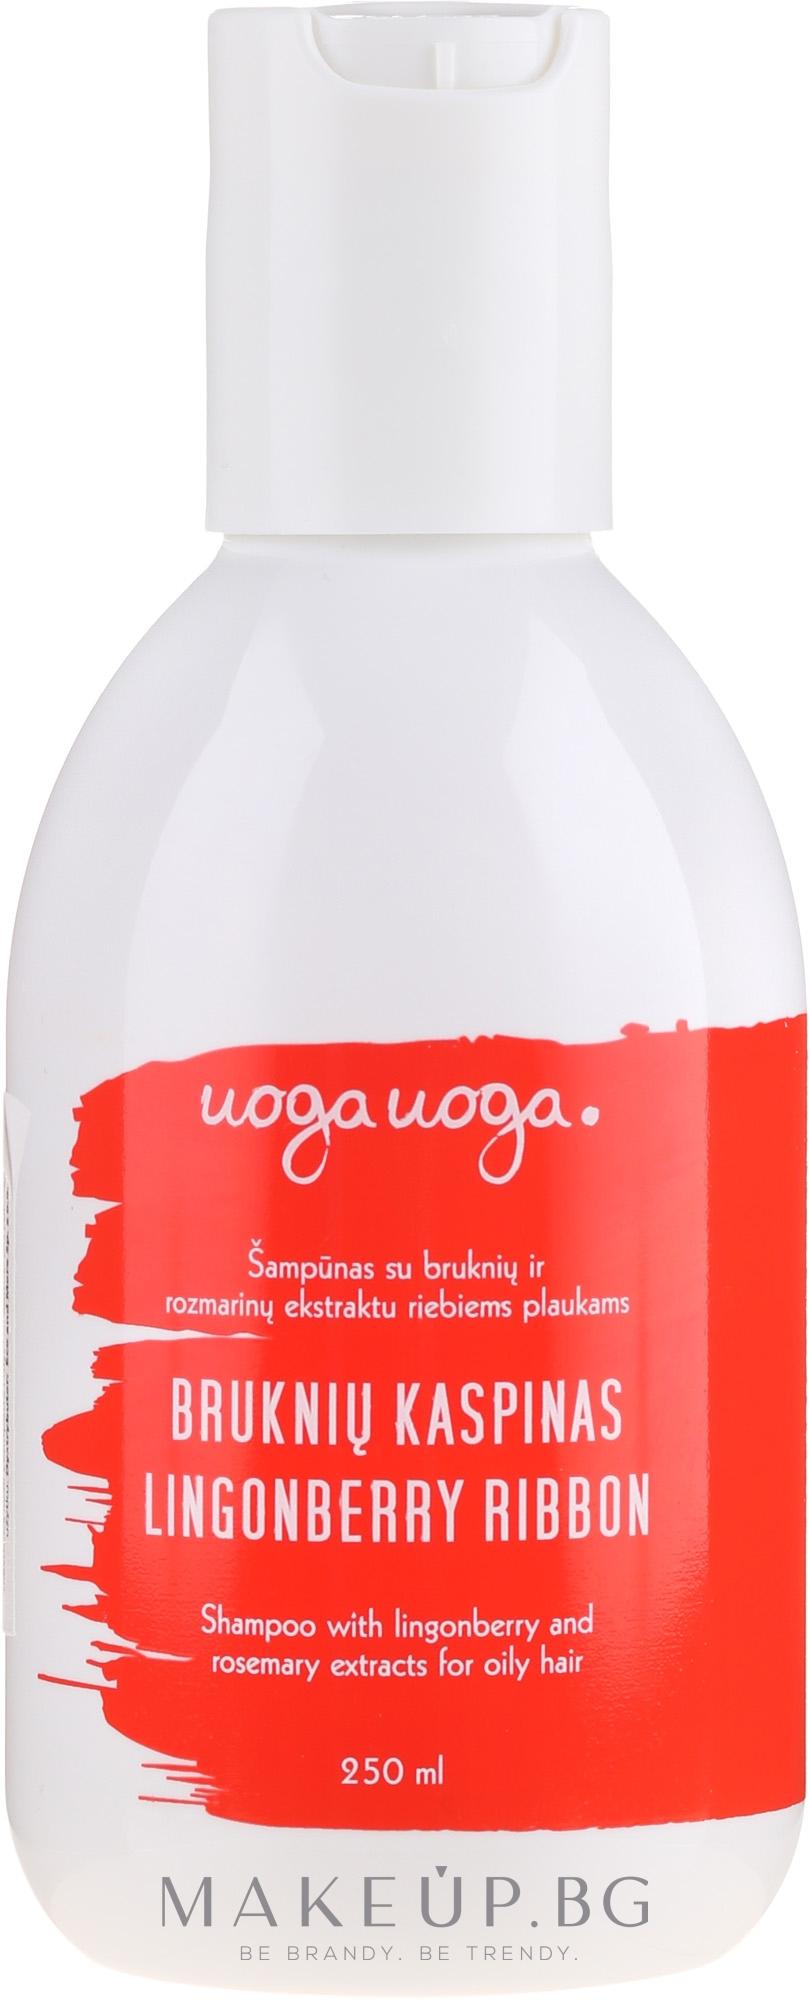 Натурален шампоан с червени боровинки и розмарин за мазна коса - Uoga Uoga Lingonberry Ribbon Shampoo — снимка 250 ml